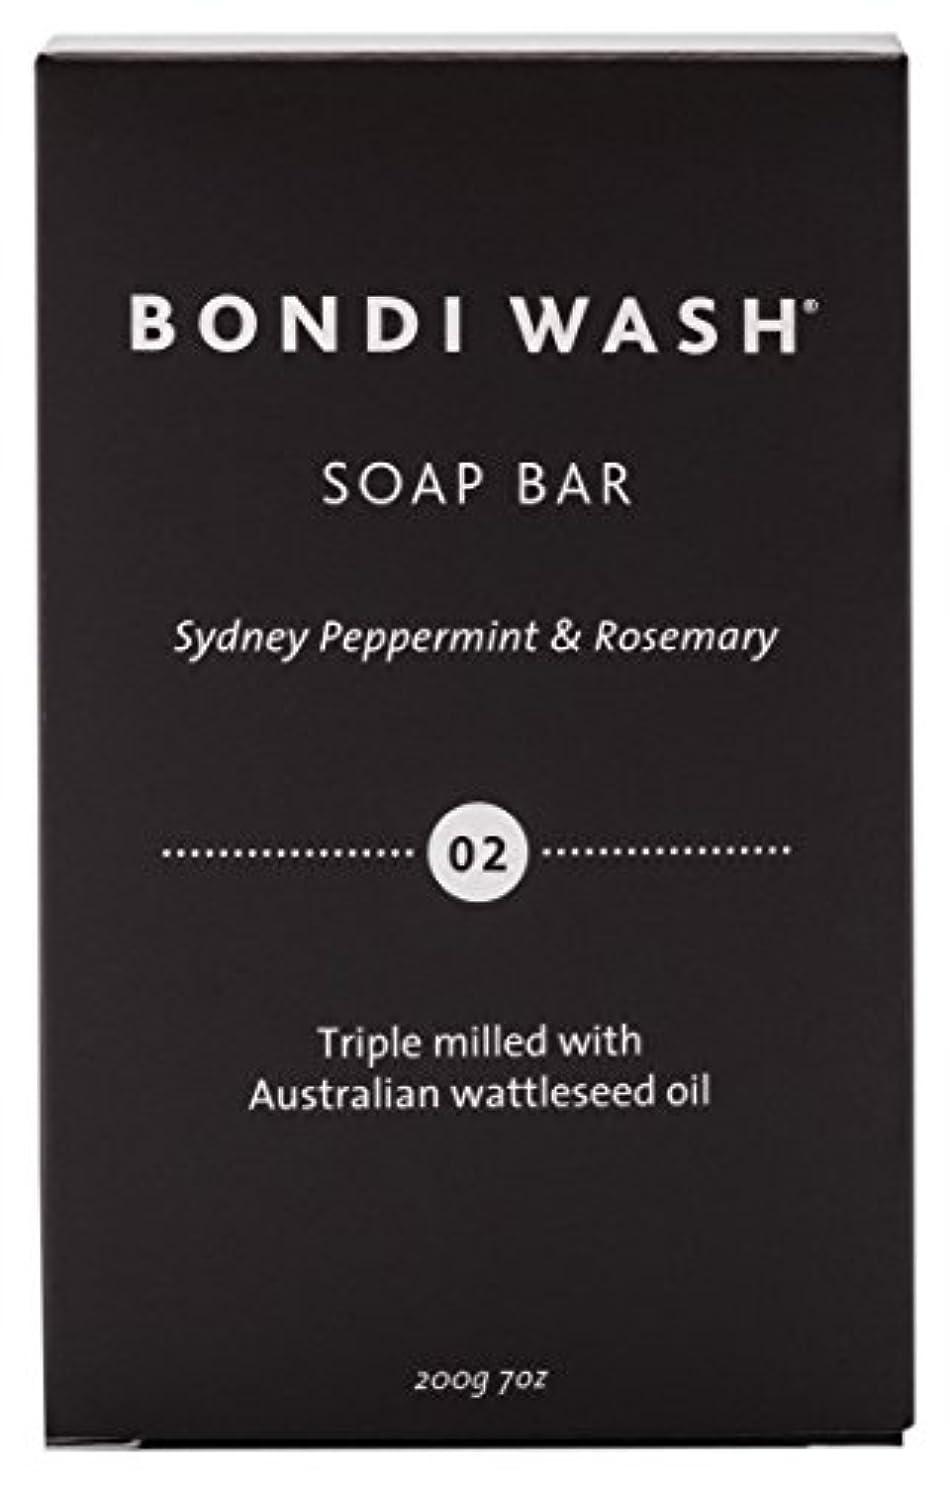 おもしろい敷居超越するBONDI WASH ソープバー(固形石鹸) シドニーペパーミント&ローズマリー 200g